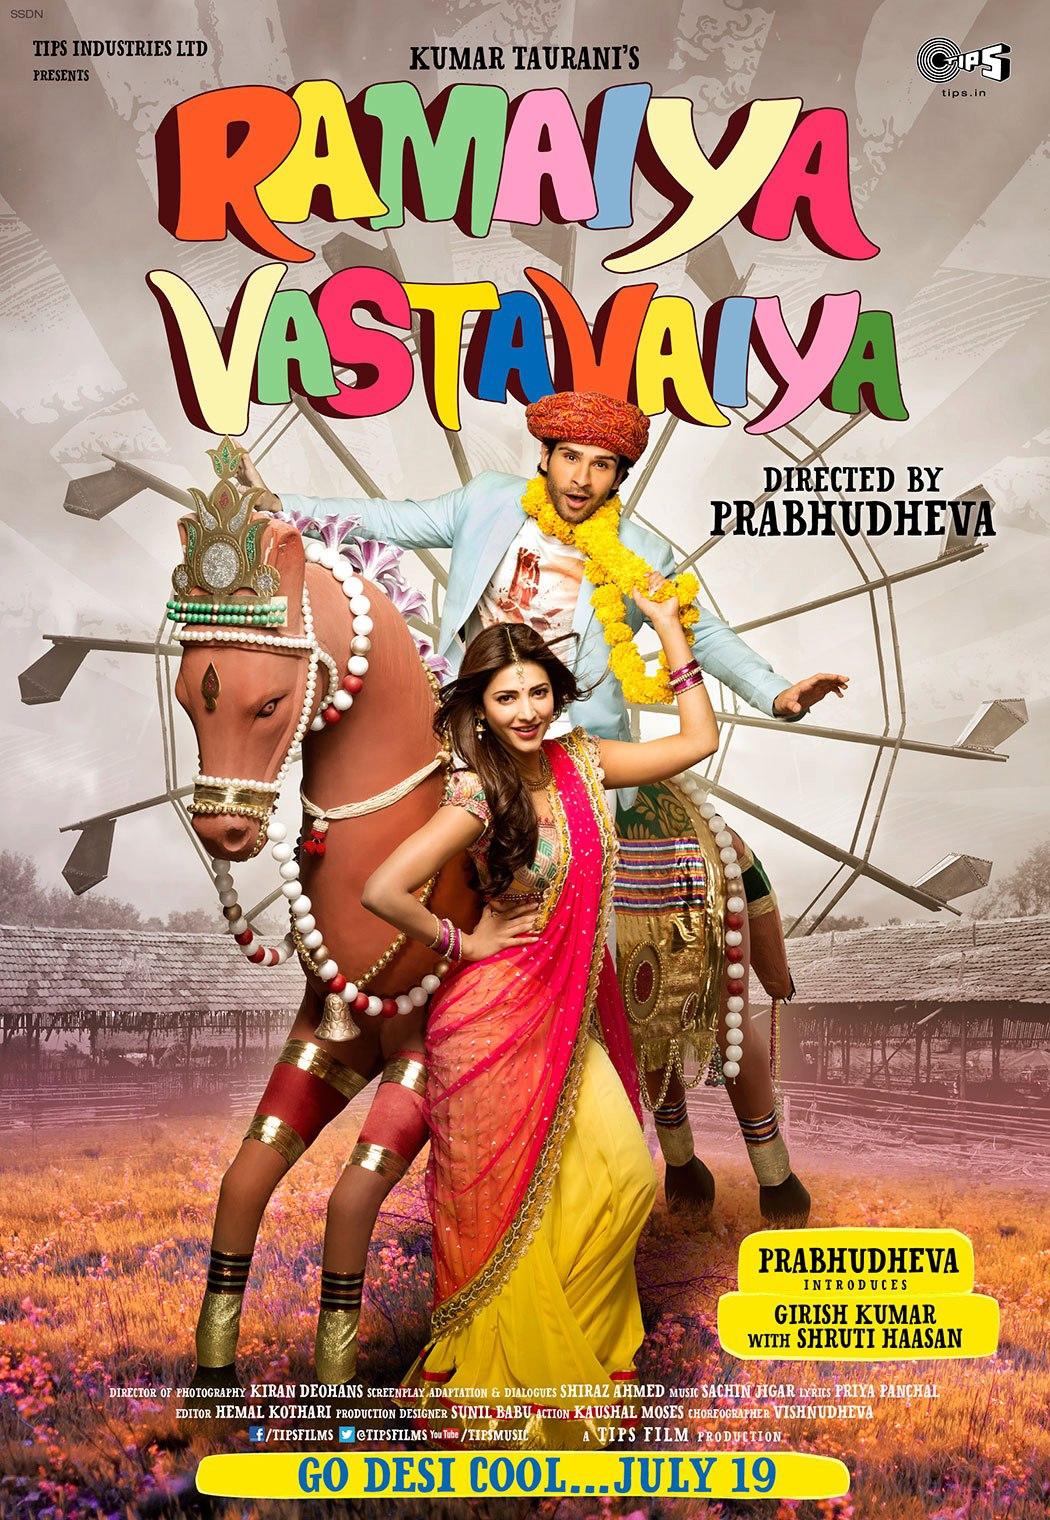 Ramaiya Vastavaiya - Movie Poster #9 (Original)